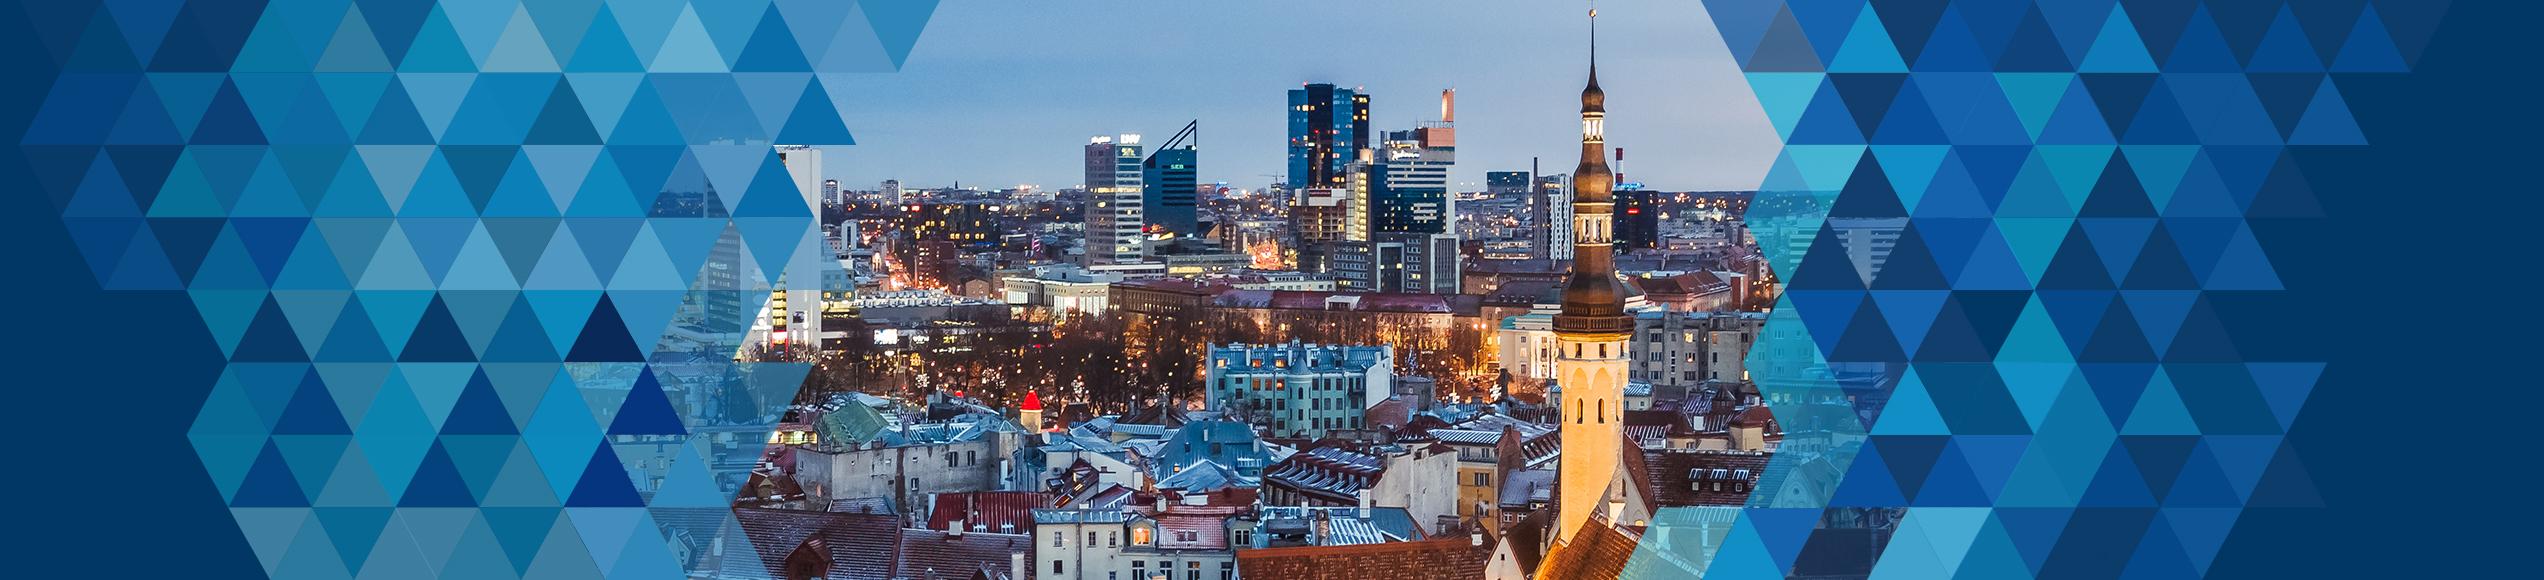 Slider 01 Tallinn